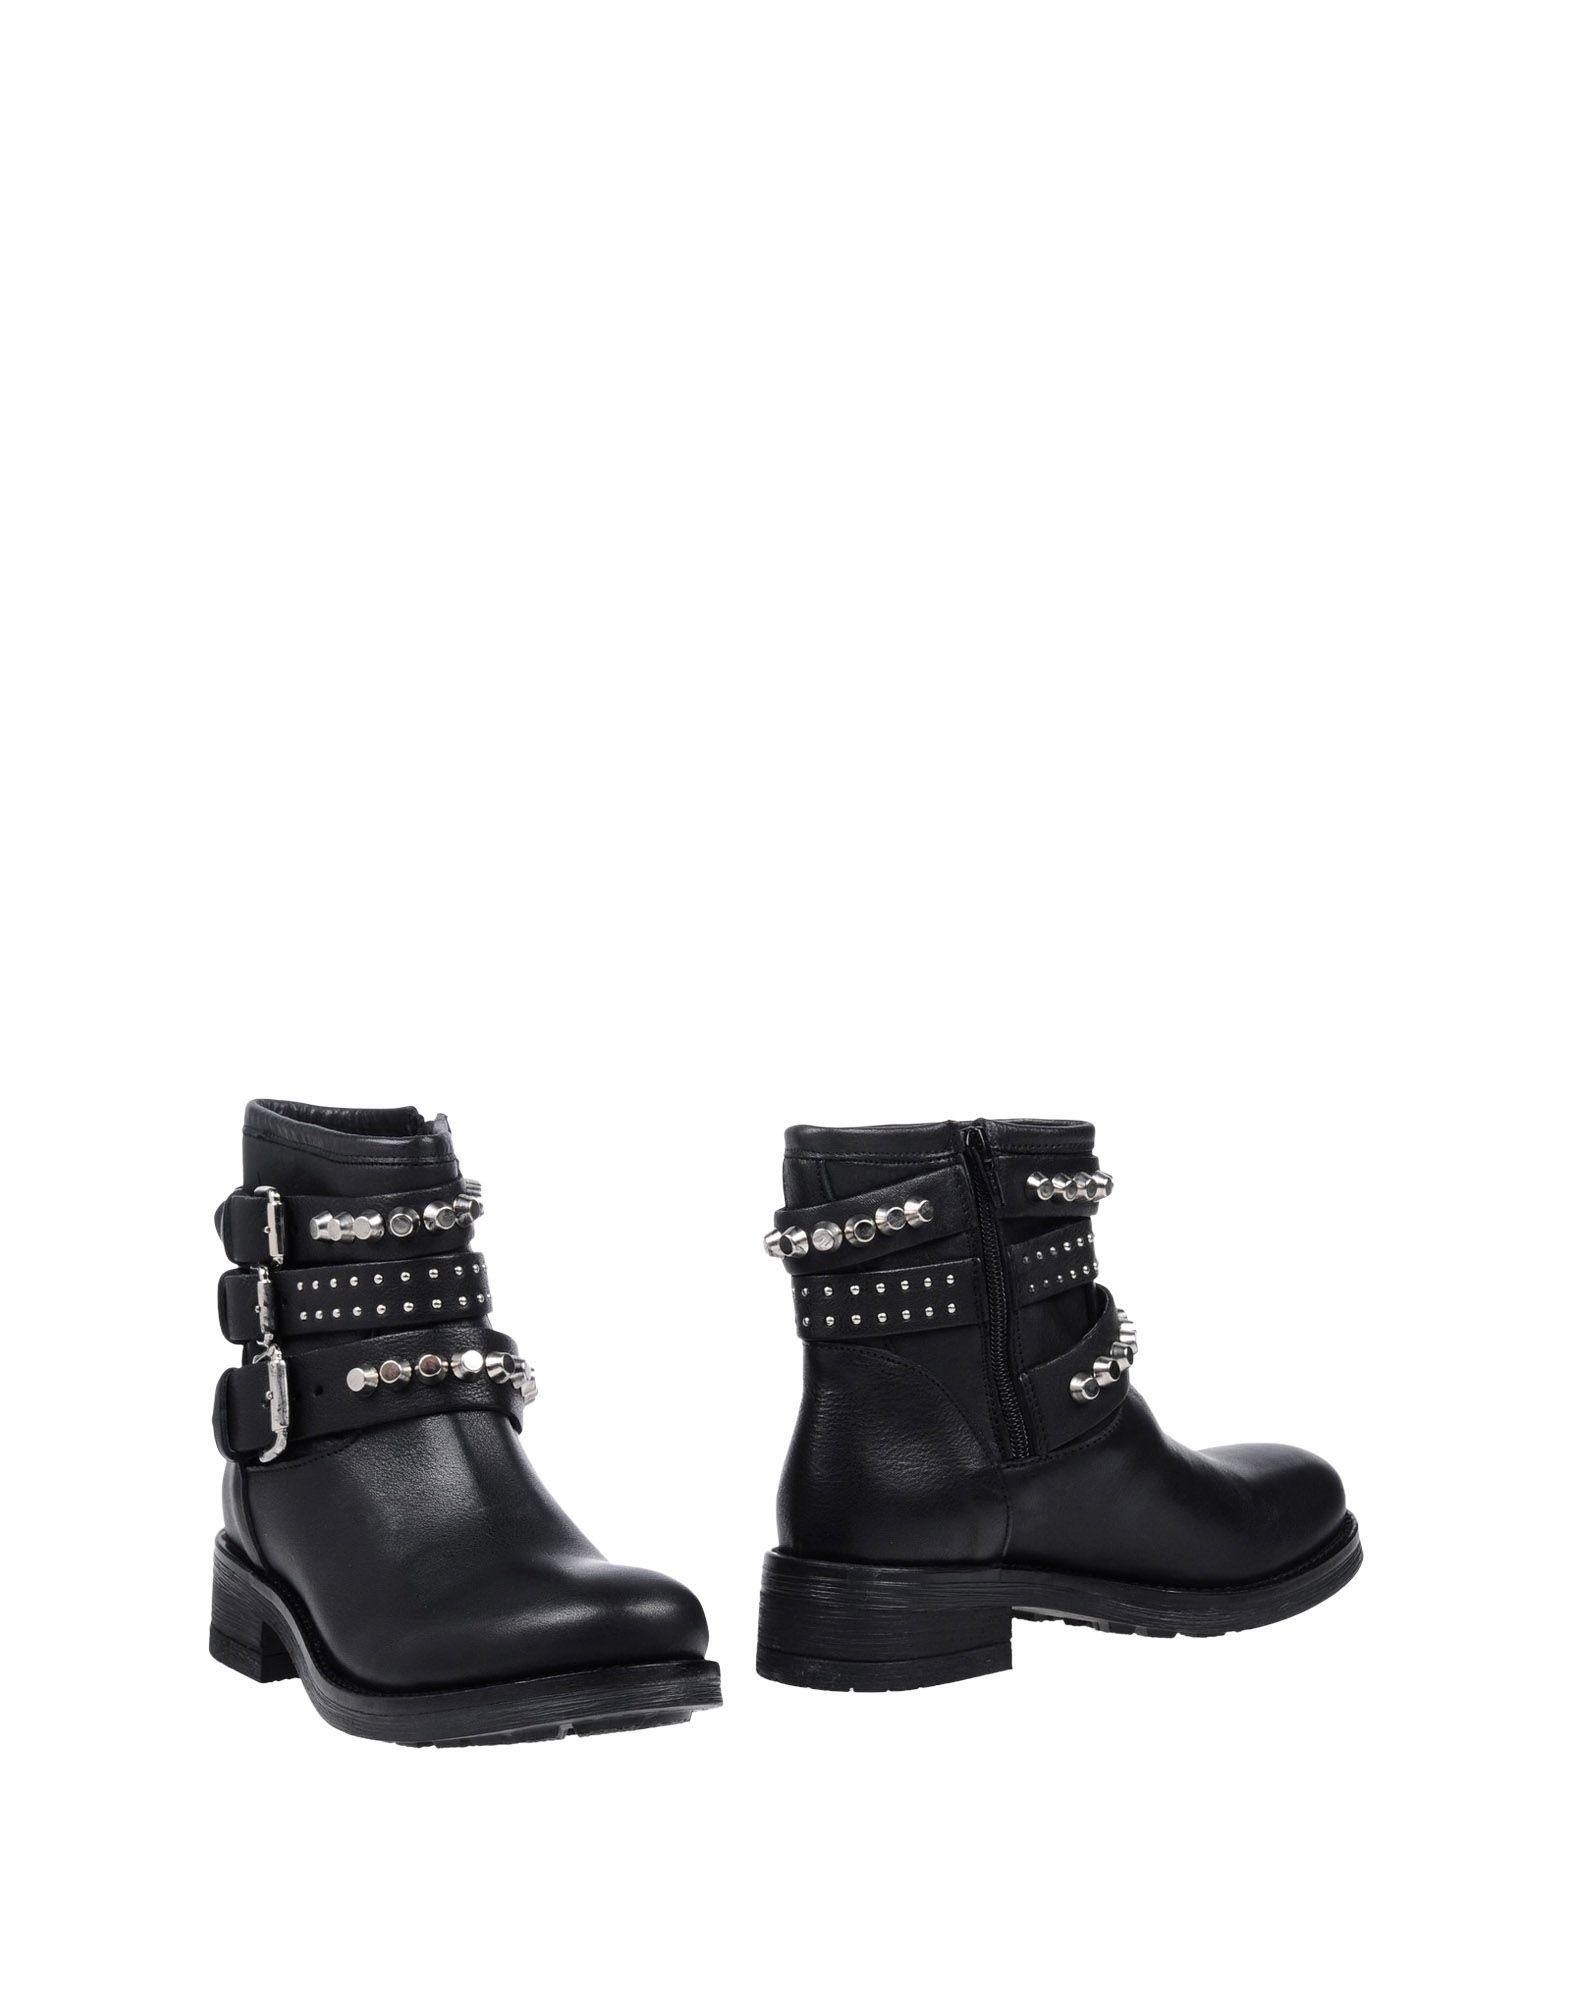 Charme Stiefelette Damen  11454198OO Gute Qualität beliebte Schuhe